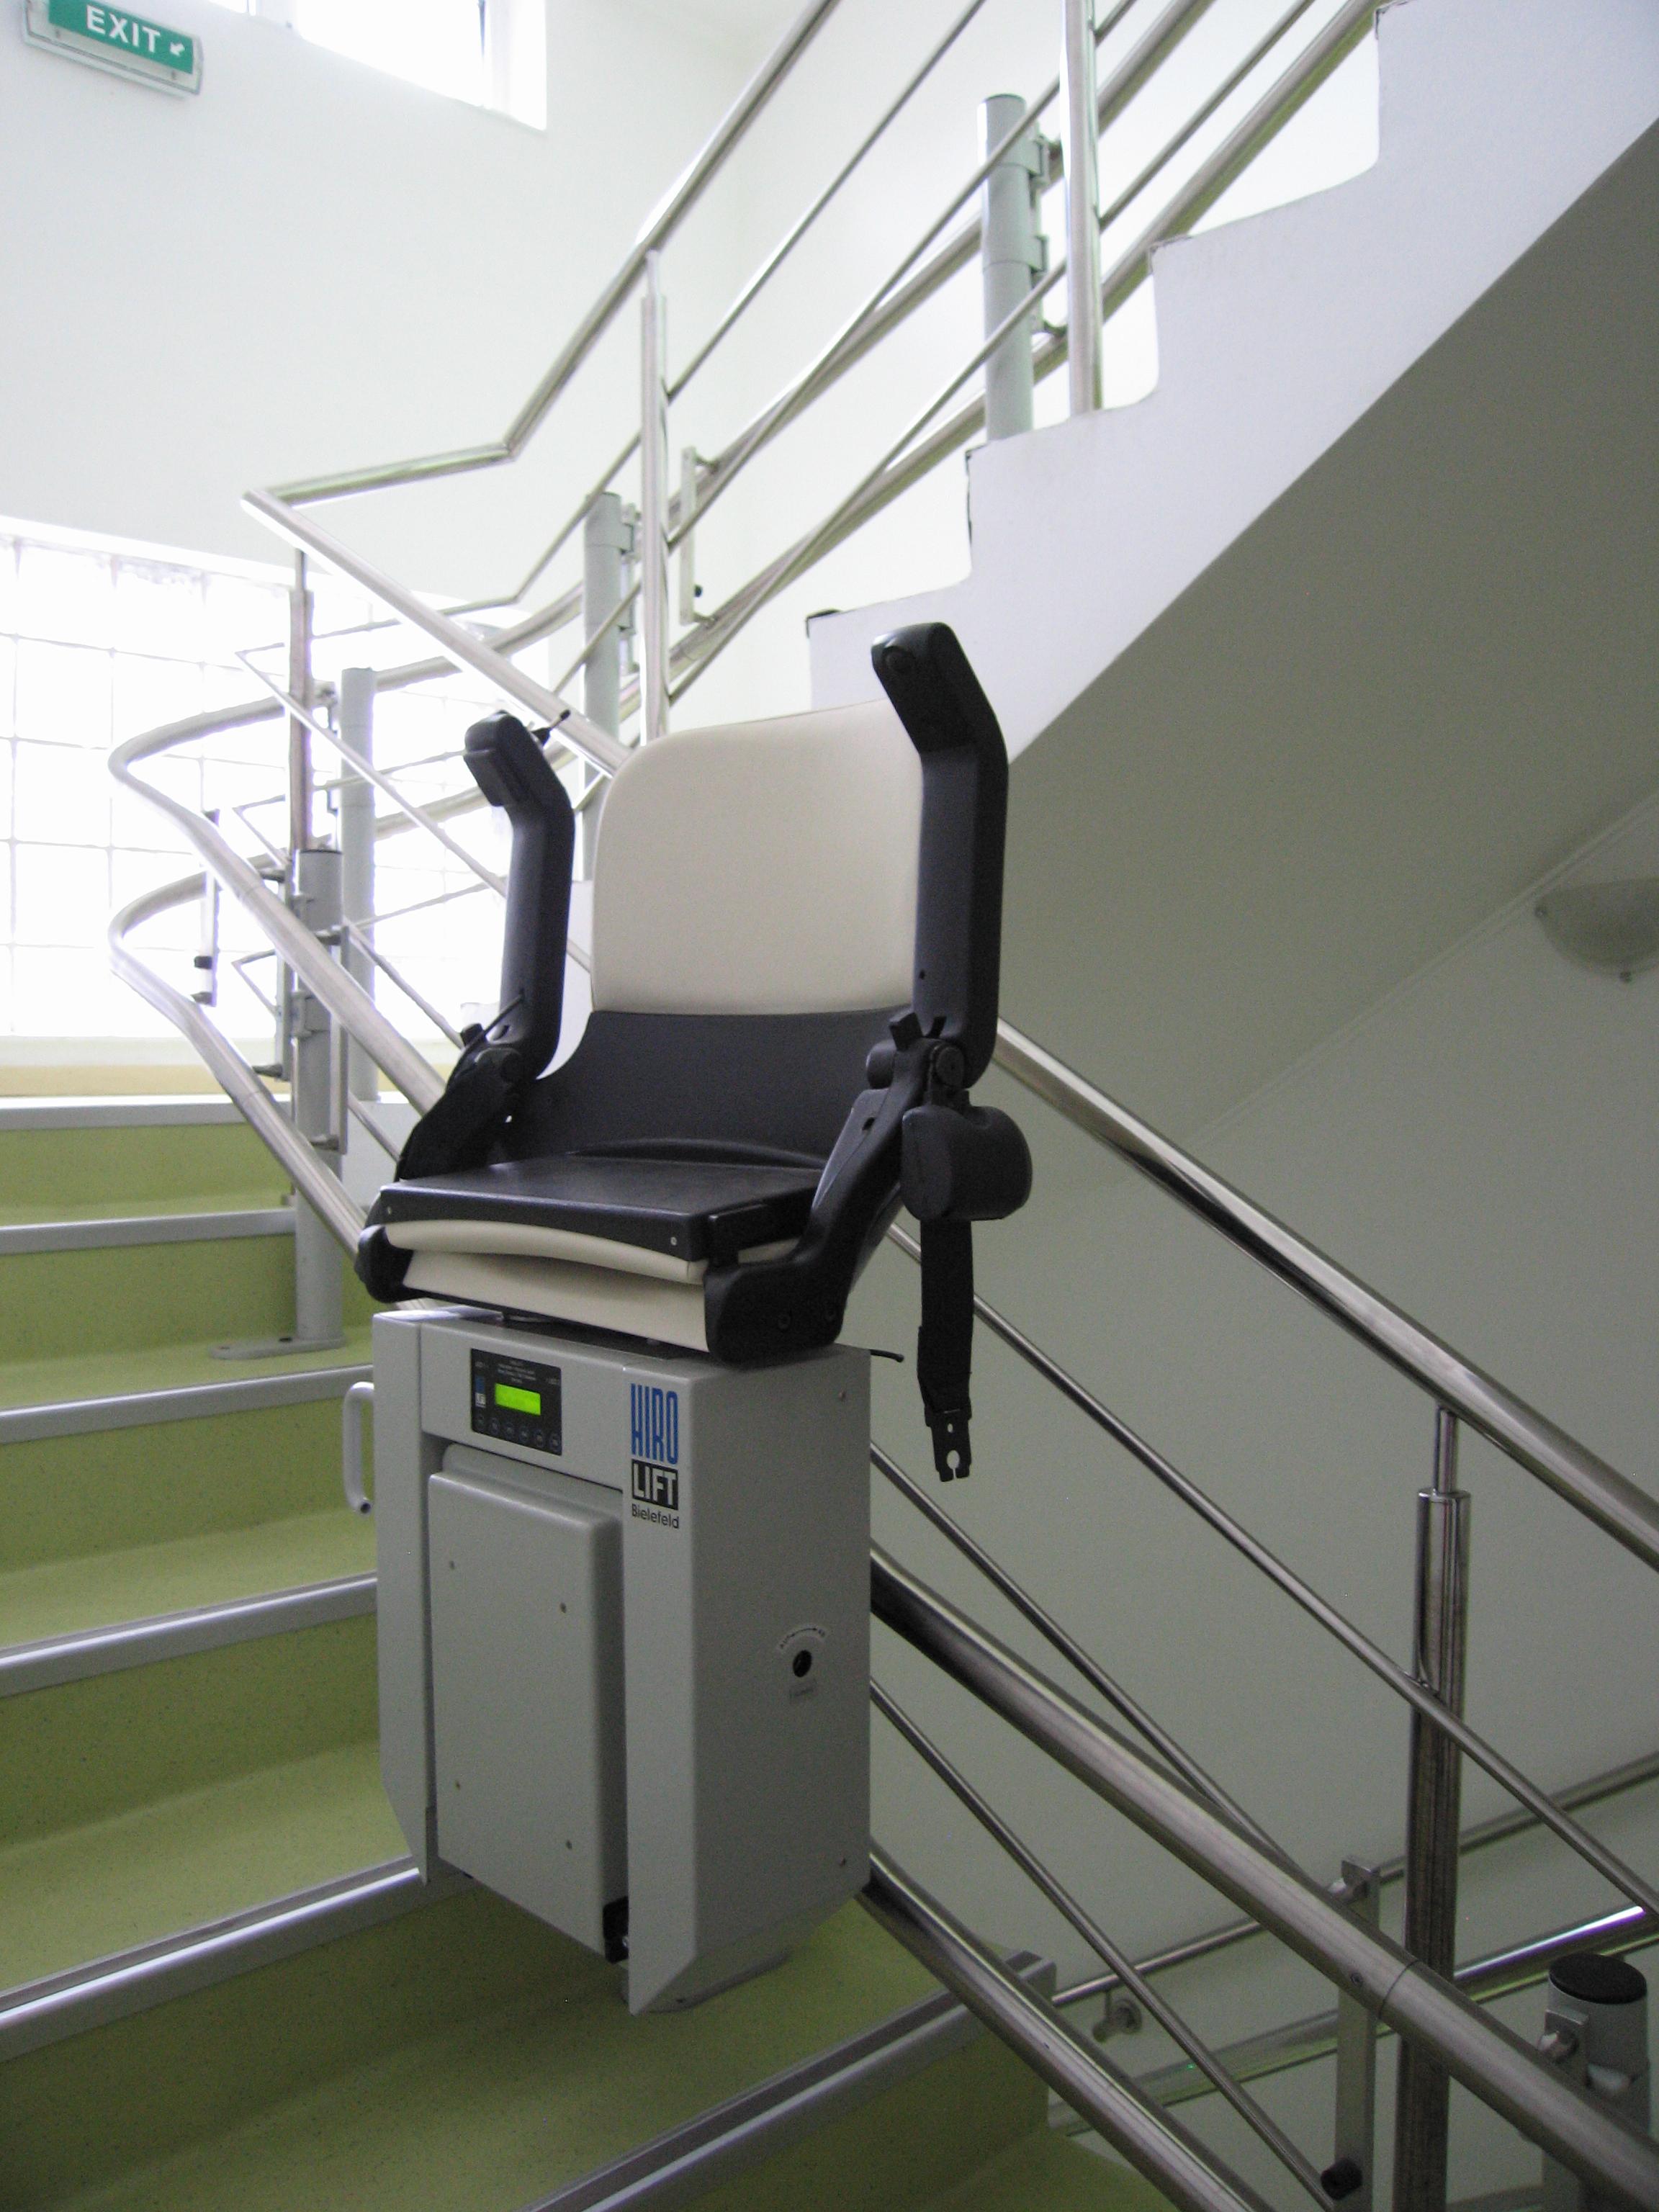 Lift pentru persoane cu dizabilitati (servoscara) HIRO 160 - 3 HIRO LIFT - Poza 3